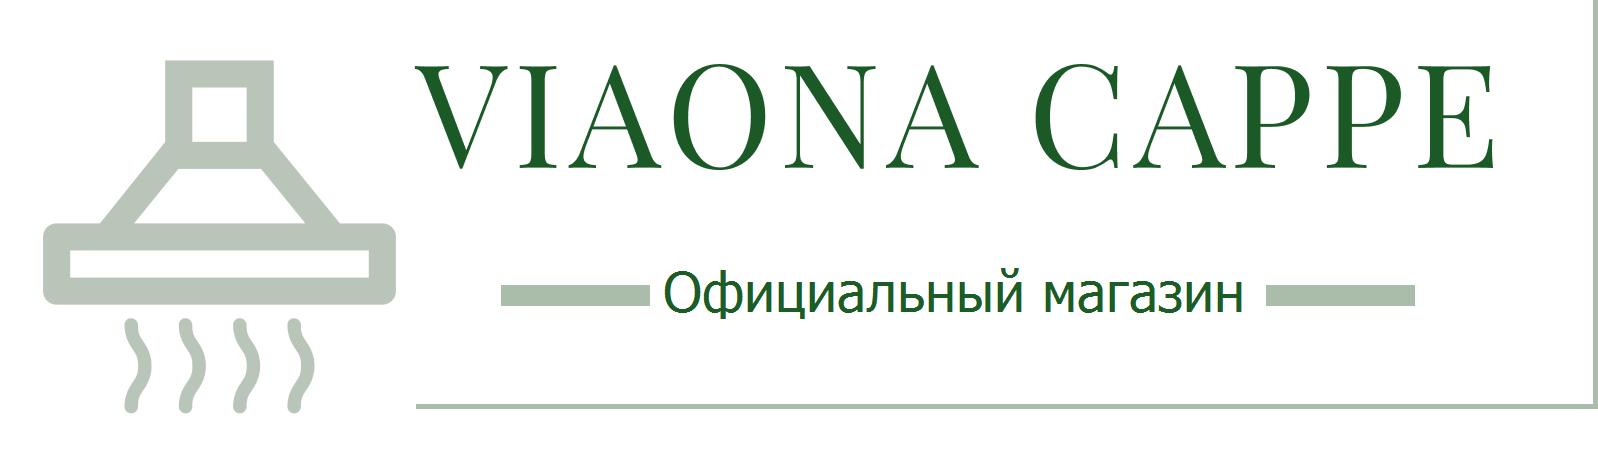 Официальный магазин Viaona Cappe